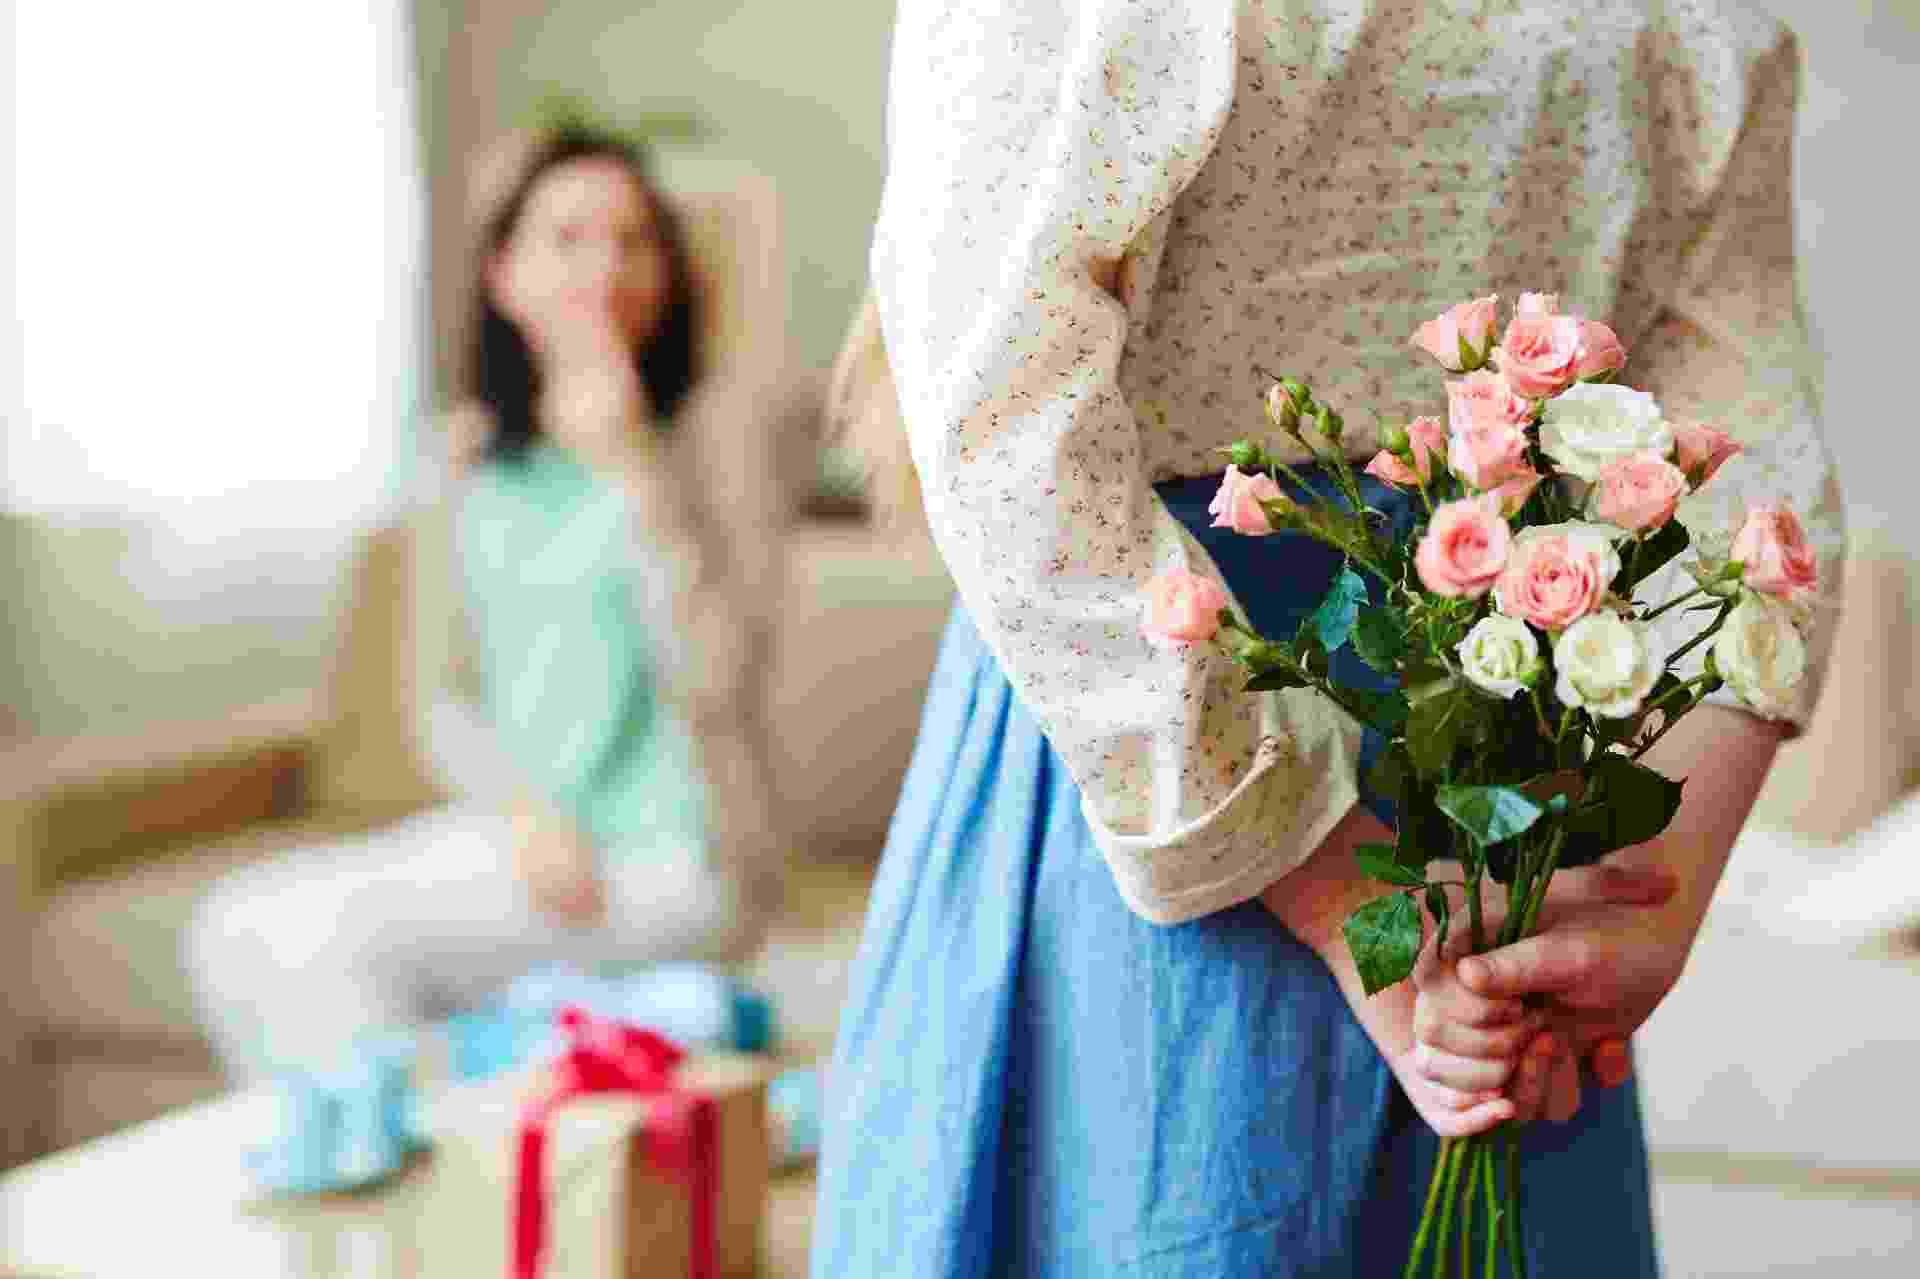 Dia das mães, presente, buquê de flores, mãe, família, filhos - iStock/shironosov